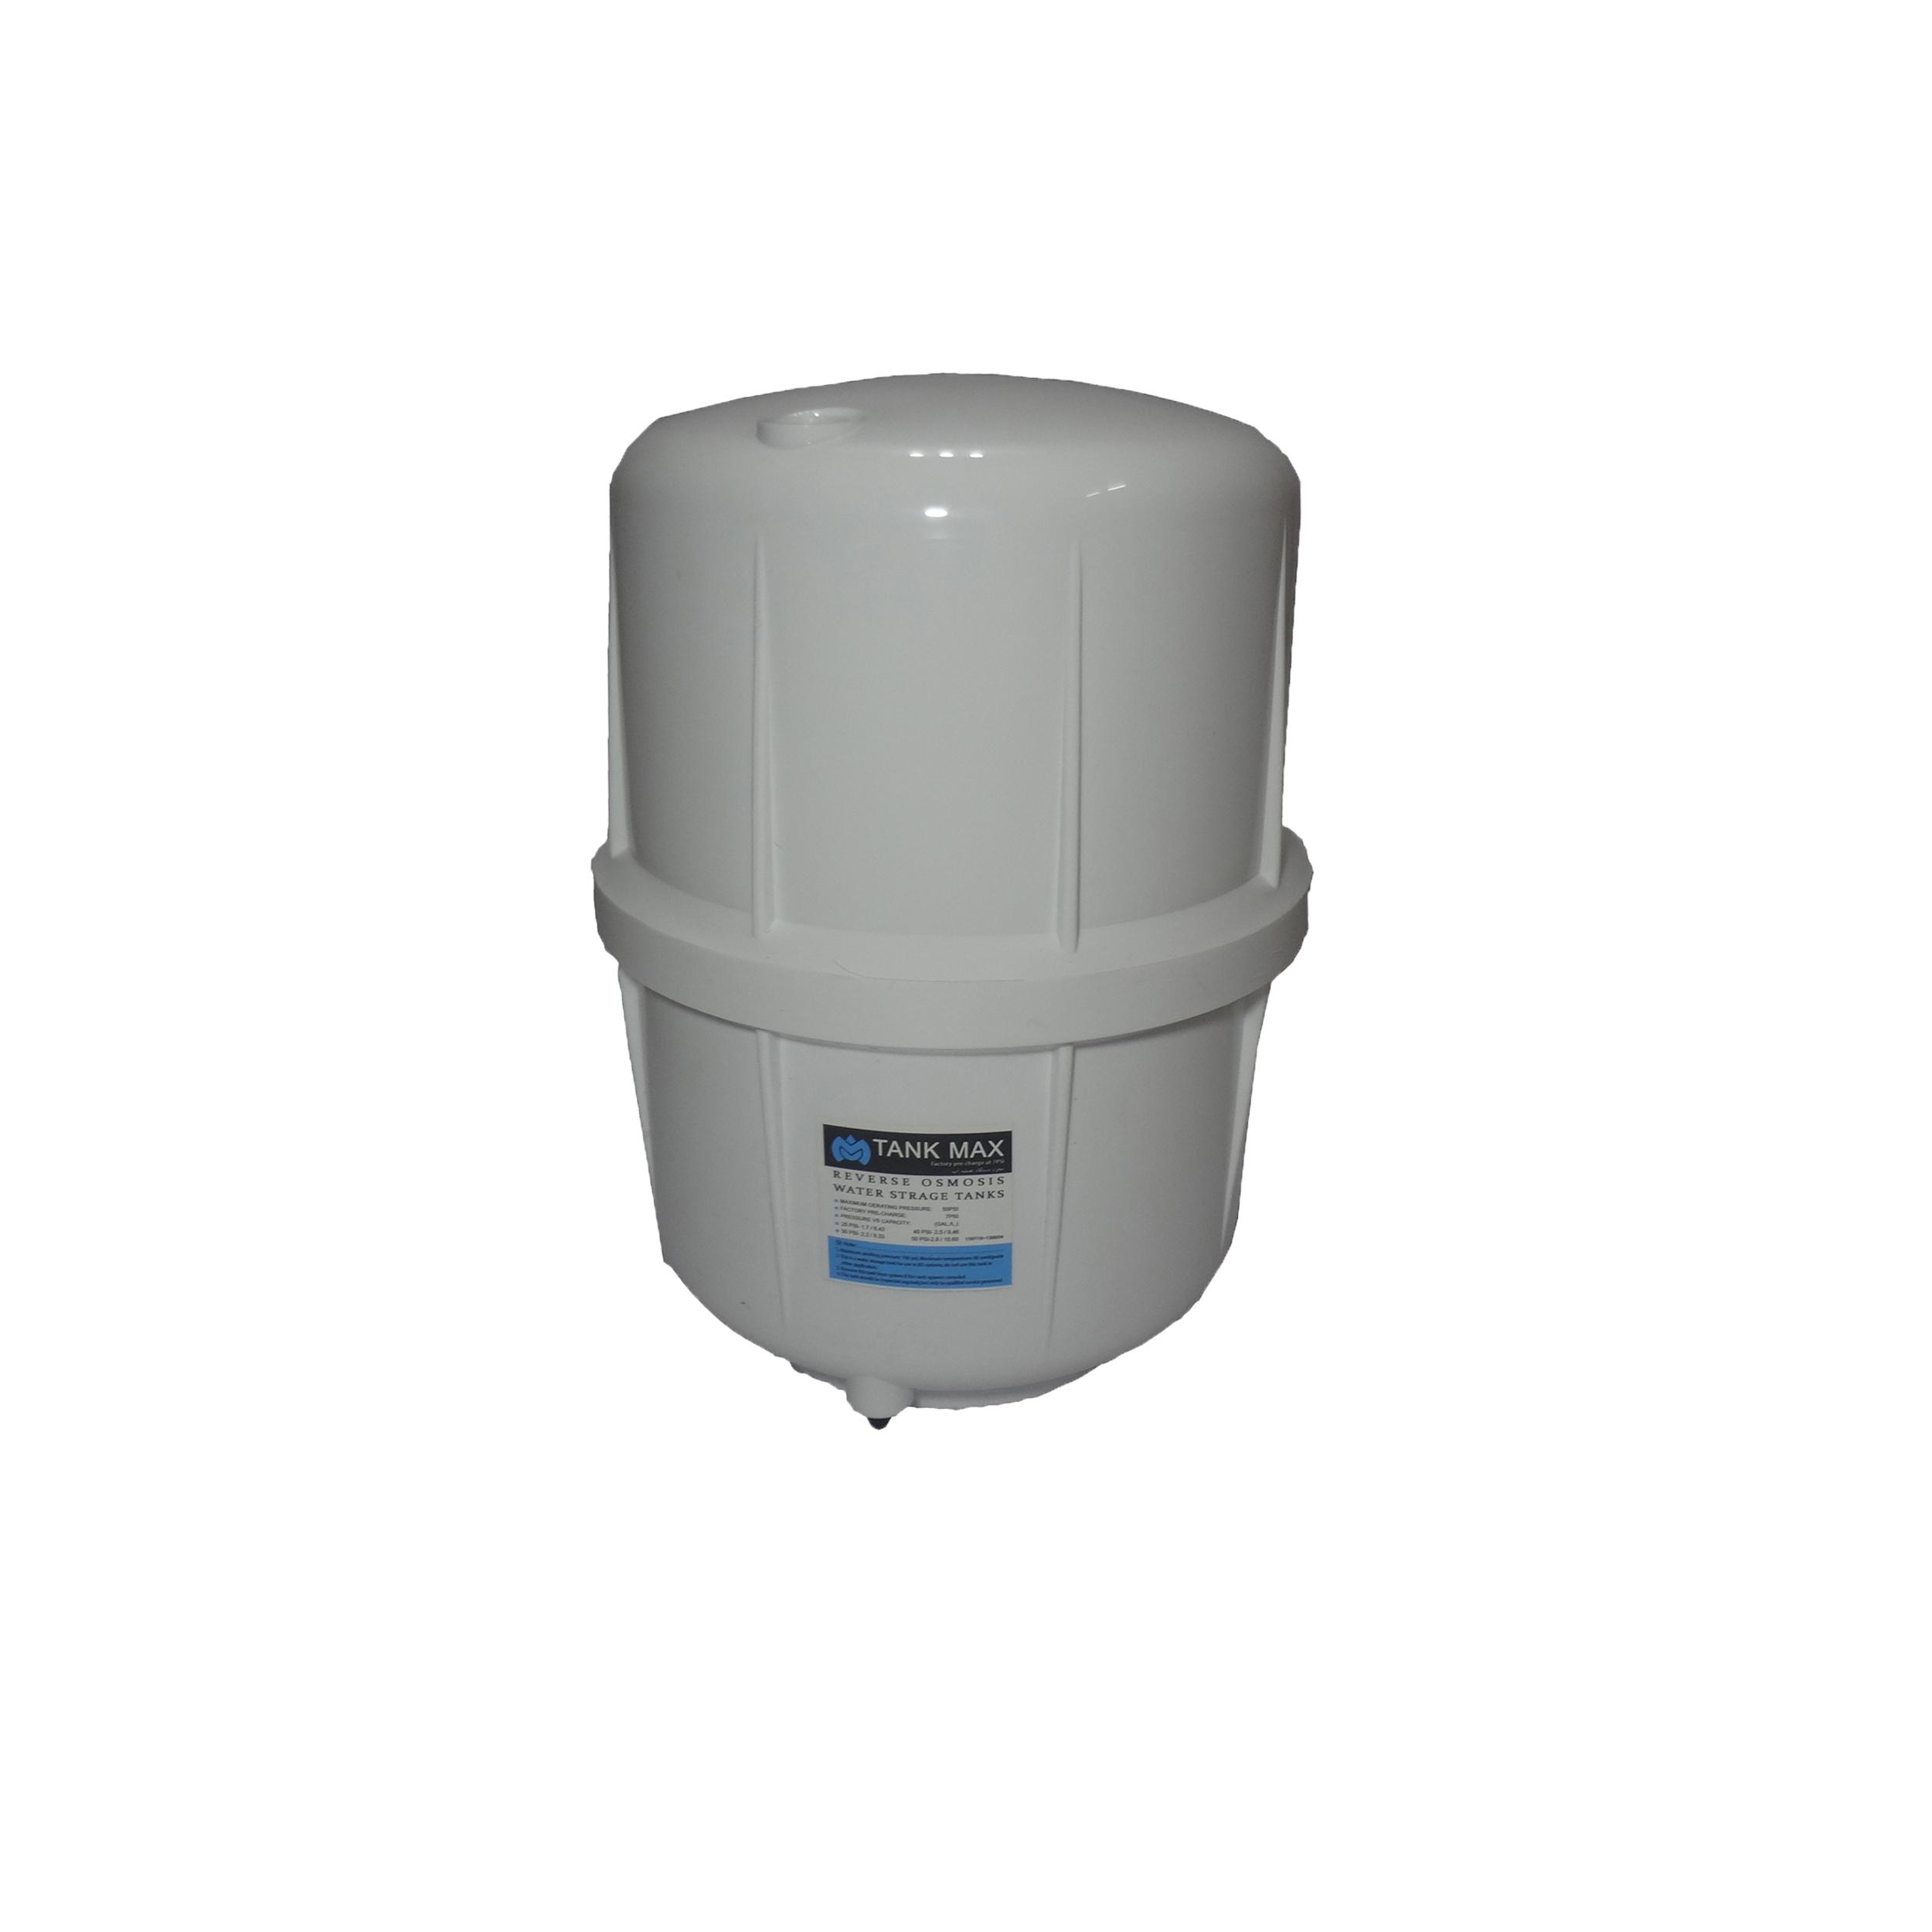 دستگاه تصفیه کننده آب آکوا لاین مدل RO-LINE 900 FIBER